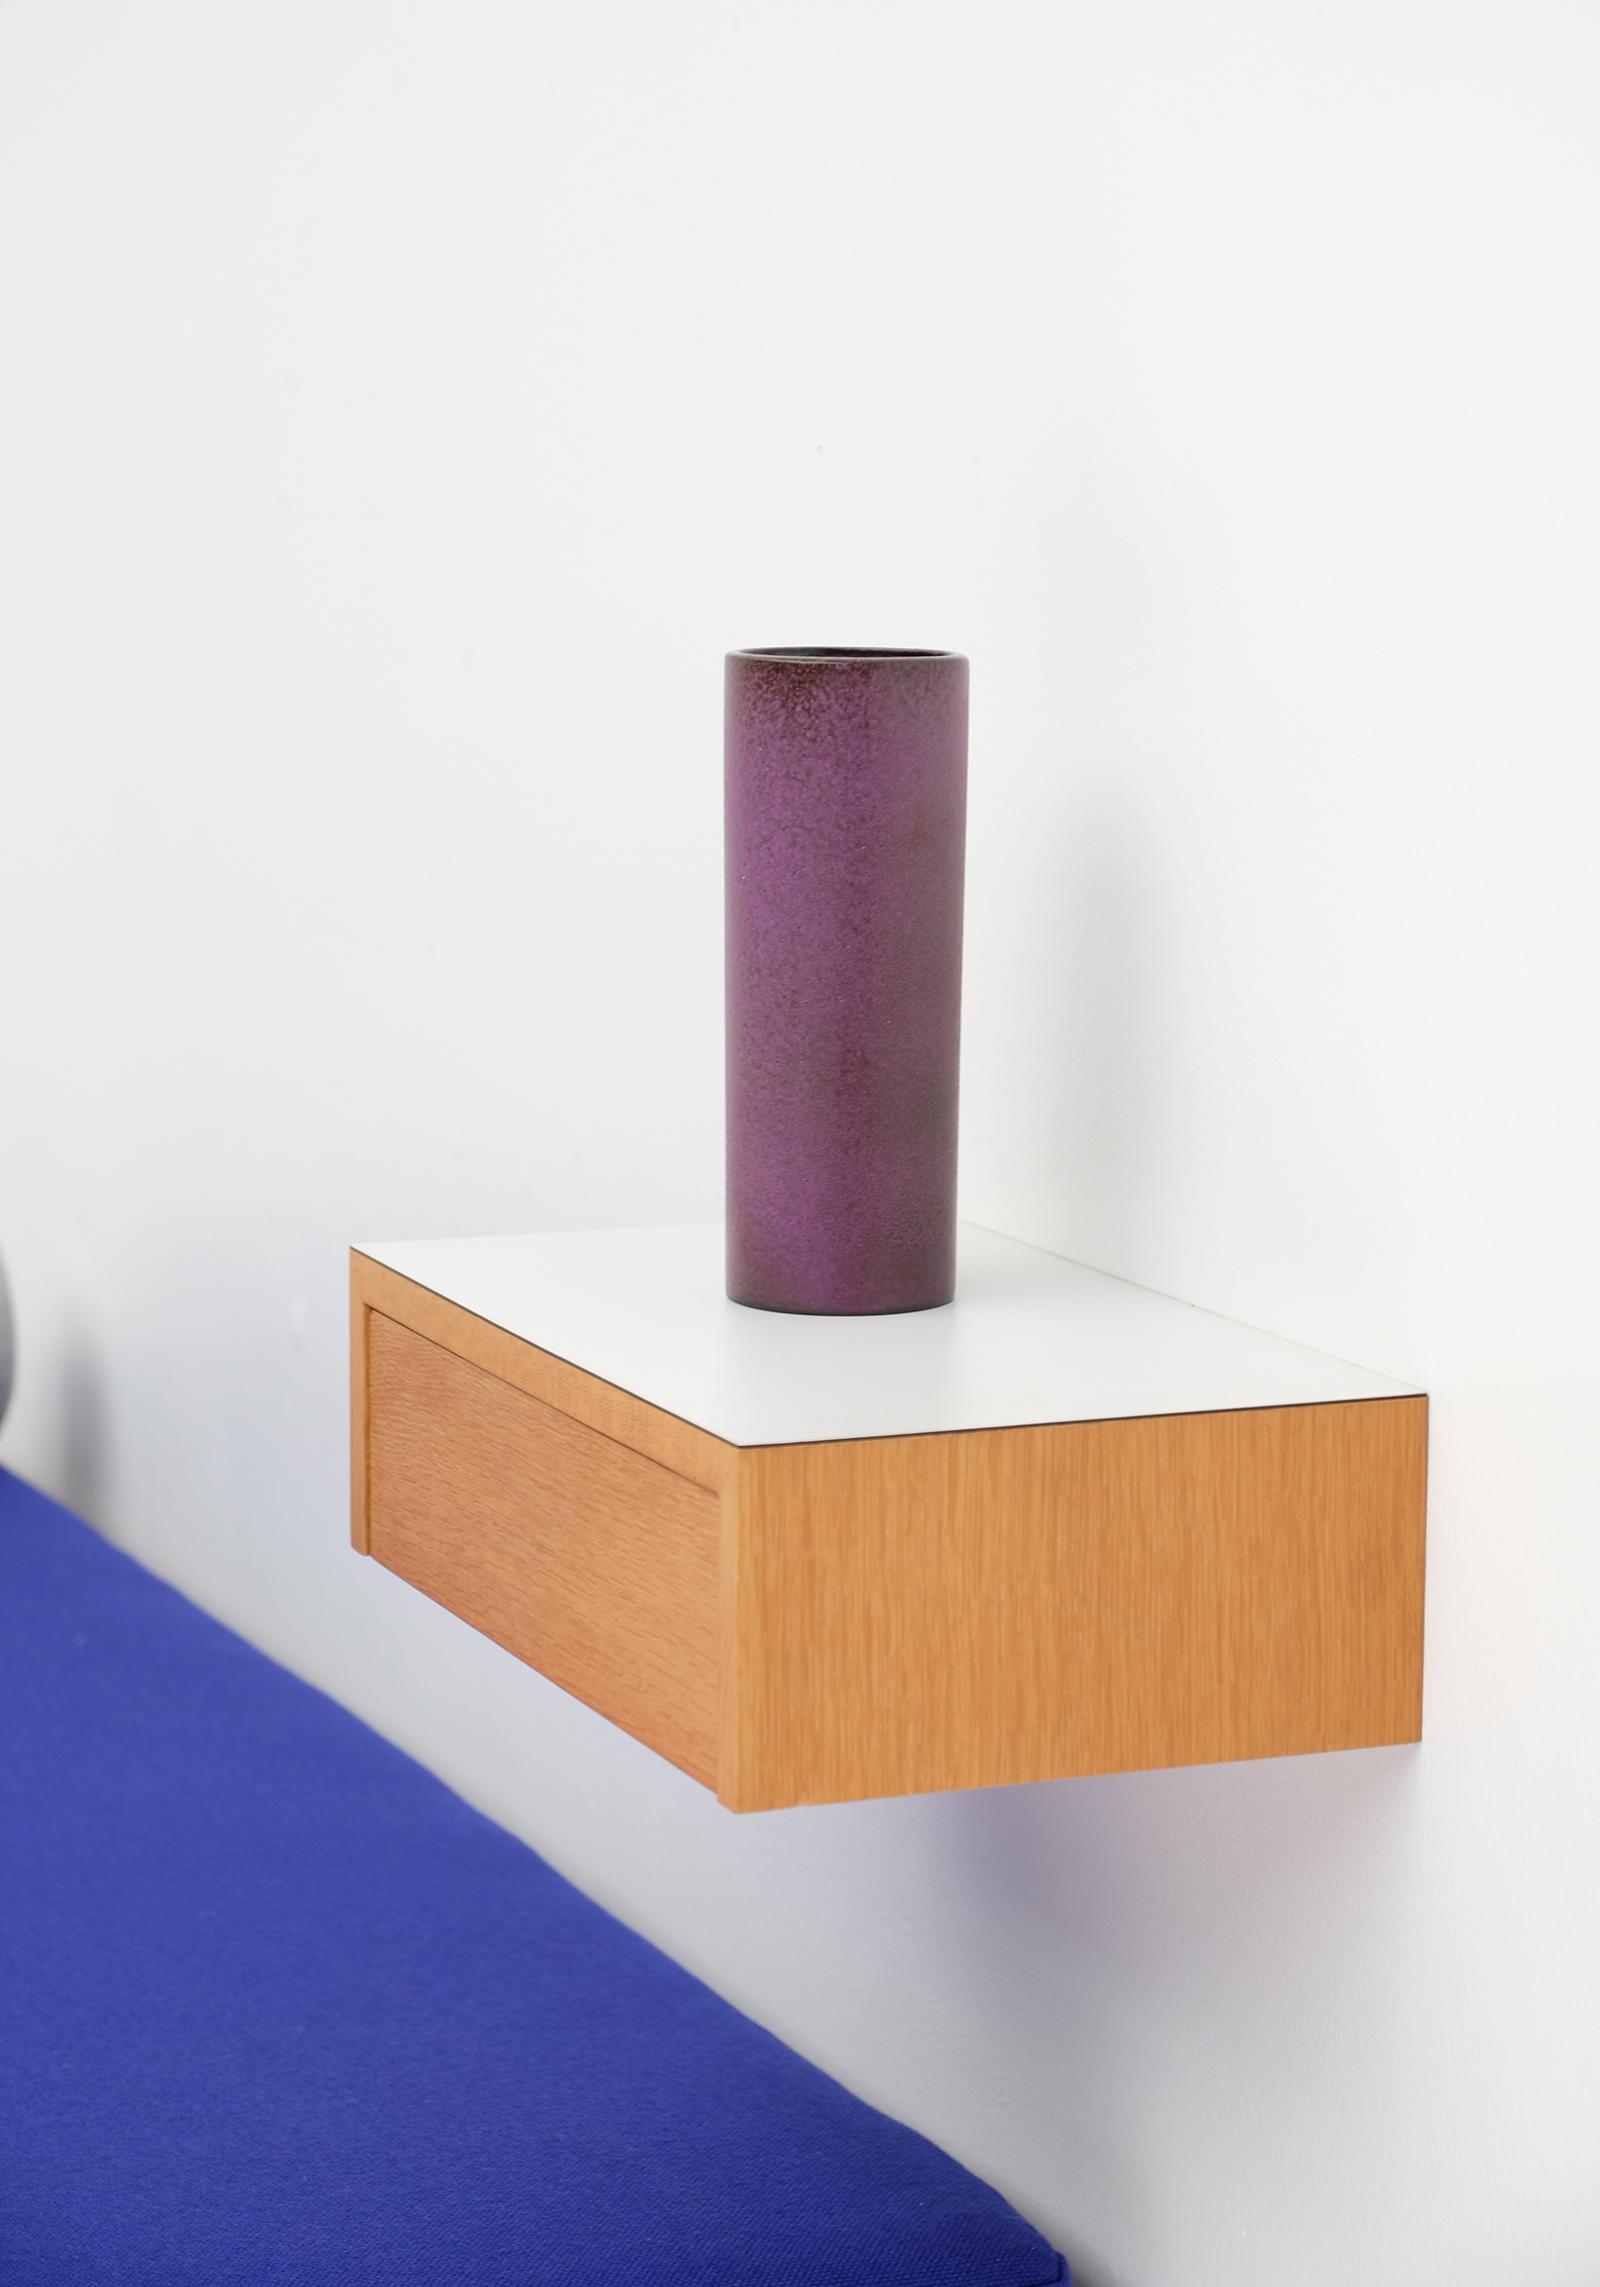 Decorative cylindrical Purple Vase